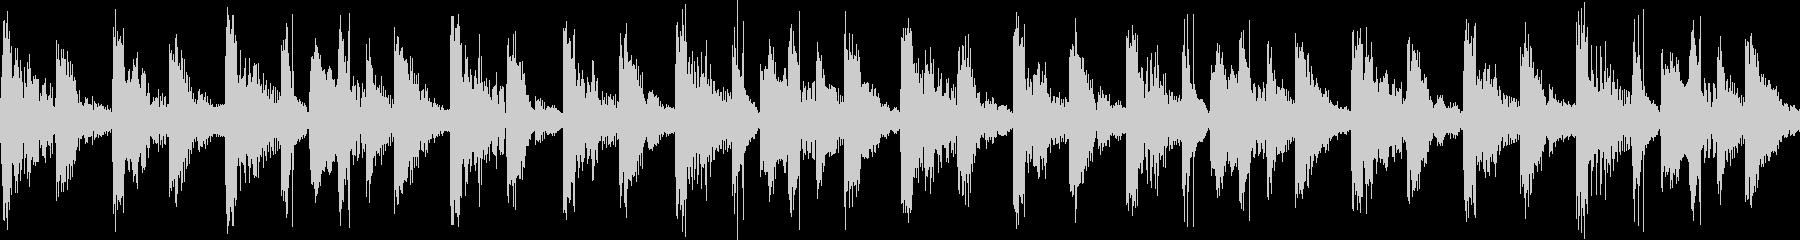 キャラ選択、システム画面(ループ)2-2の未再生の波形